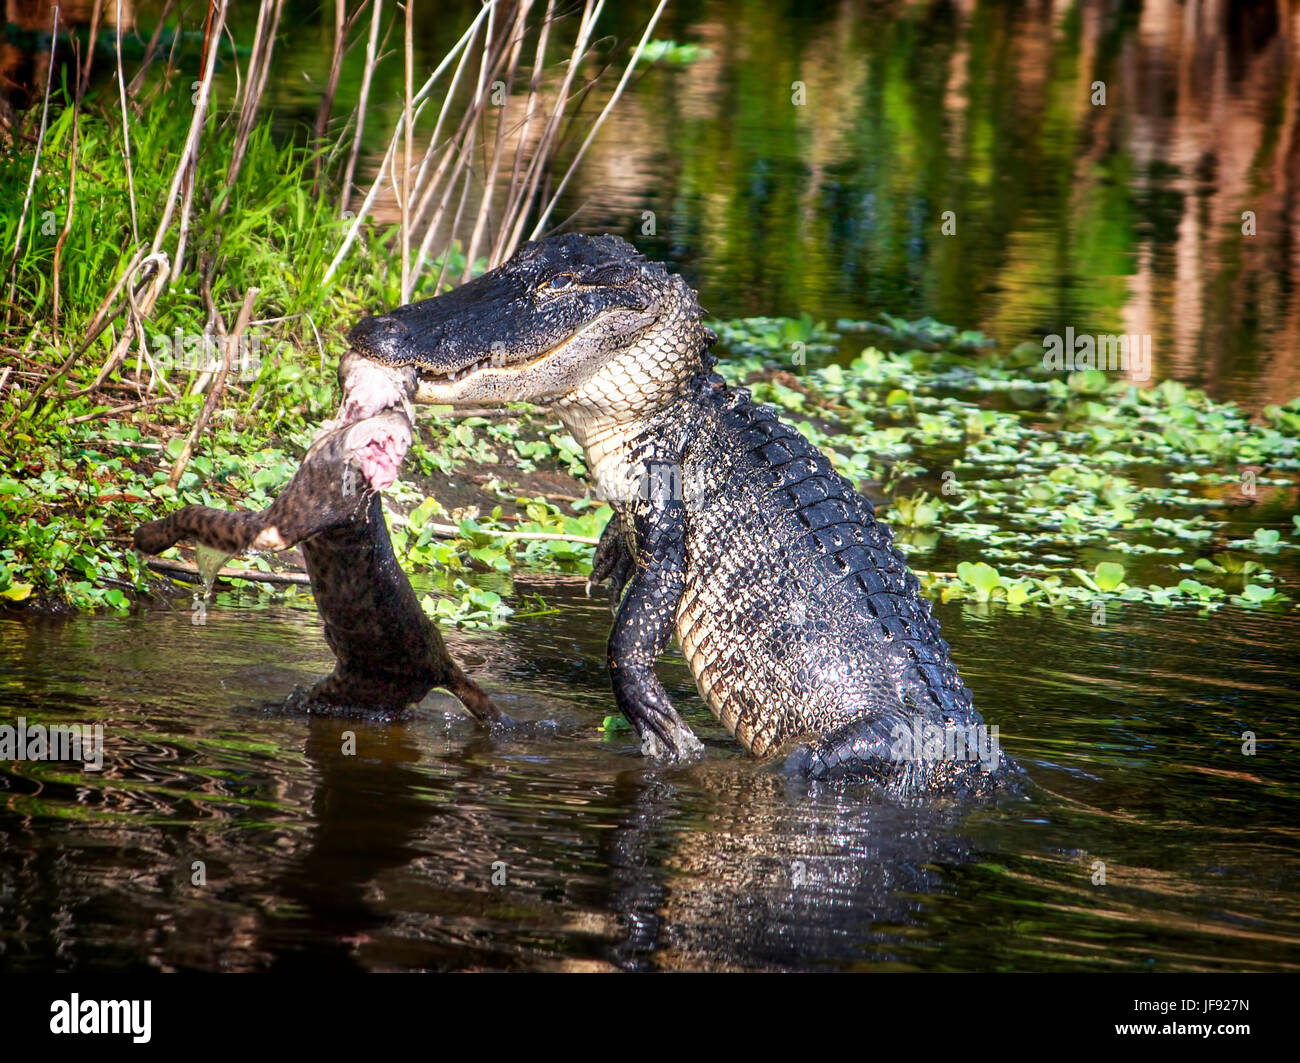 Il terzo di una serie di 4 immagini che mostrano un alligatore attaccando e mangiando un bobcat in Everglades della Immagini Stock